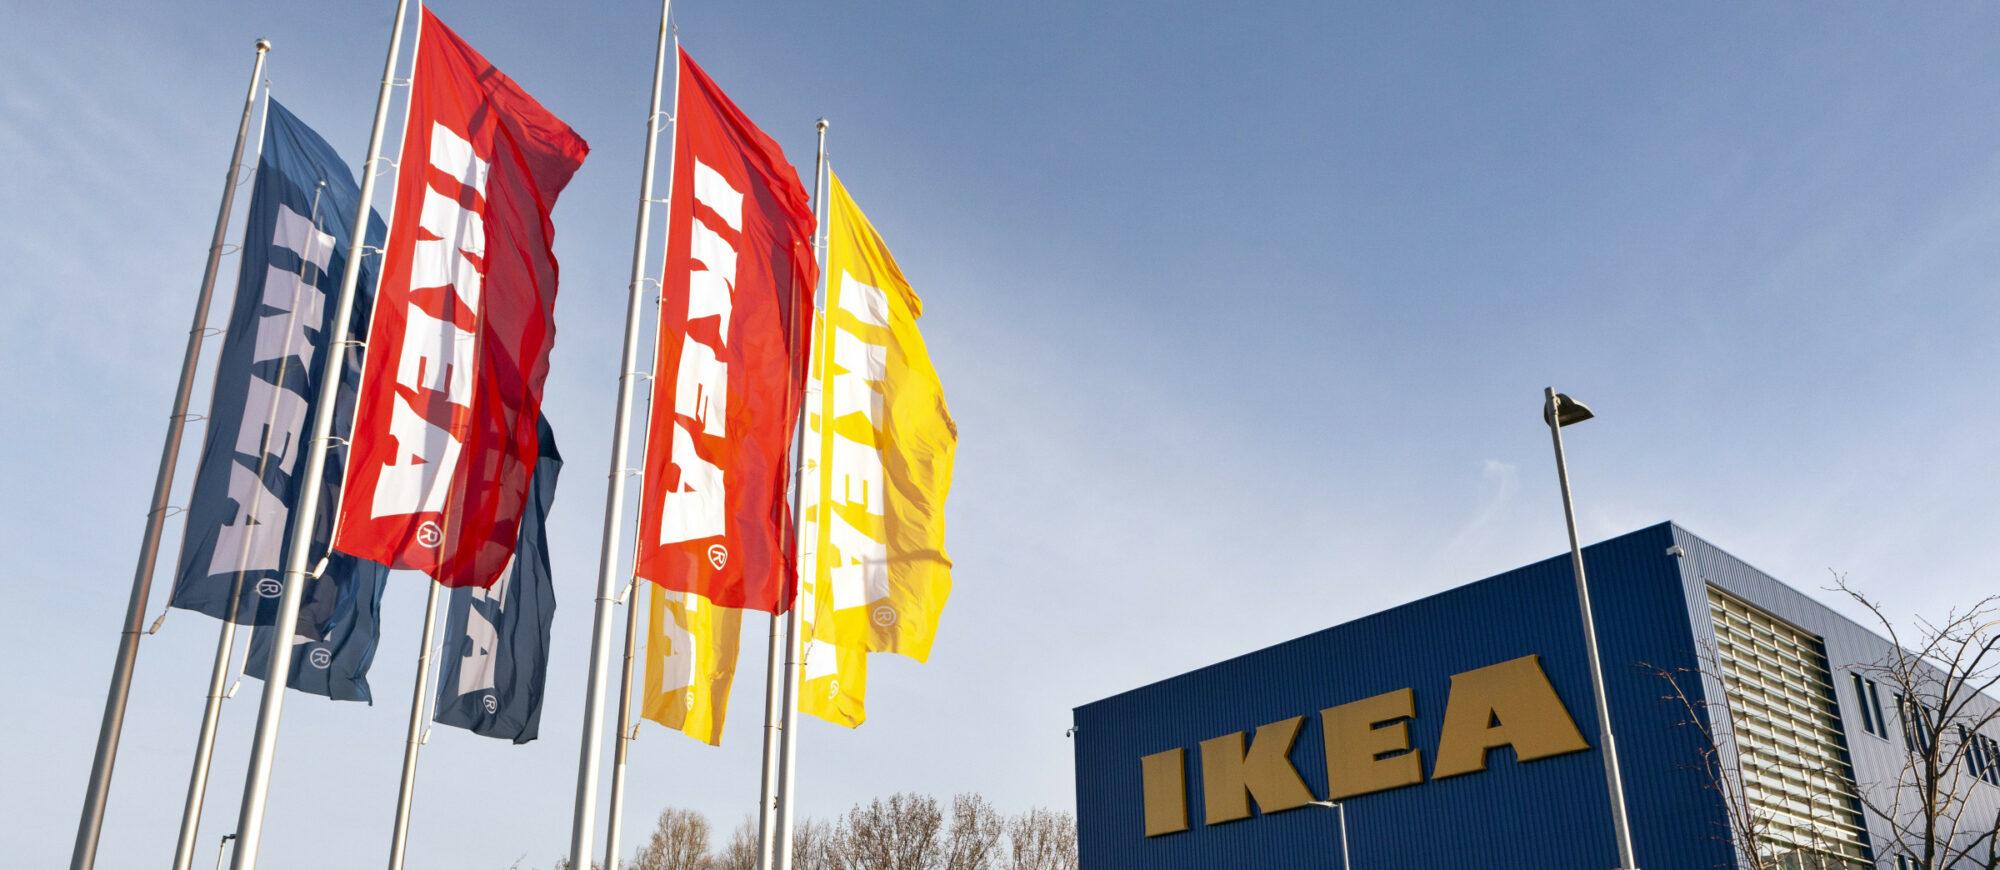 Full Size of Barrierefreie Küche Ikea Corona Krise Will Im Mai Mit Der Ffnung Beginnen Landhausküche Grau Waschbecken Weiß Matt Regal Miniküche Nobilia Bank E Geräten Wohnzimmer Barrierefreie Küche Ikea